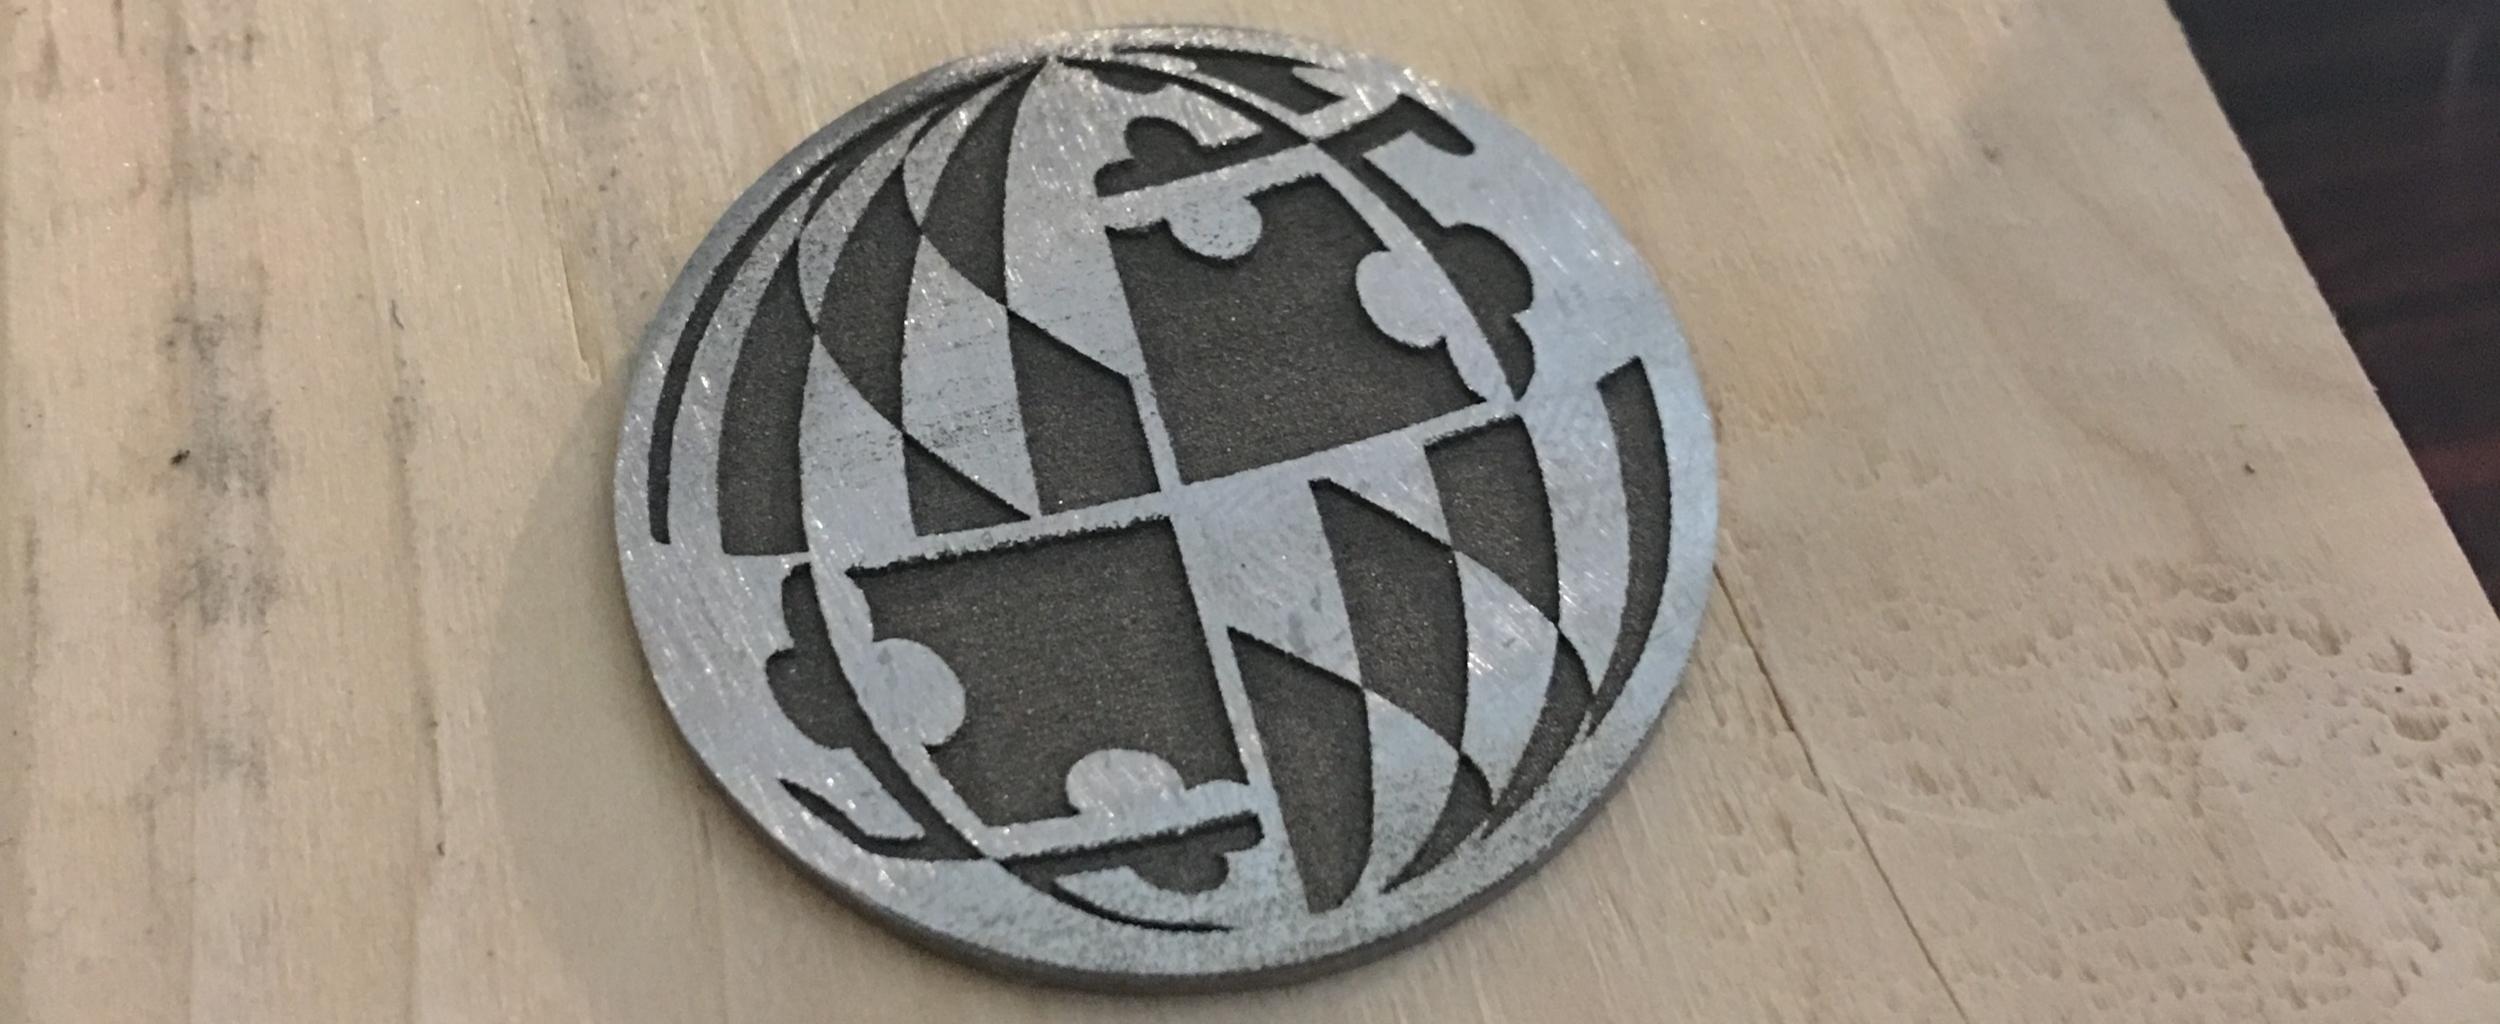 DMLS UMD Logo